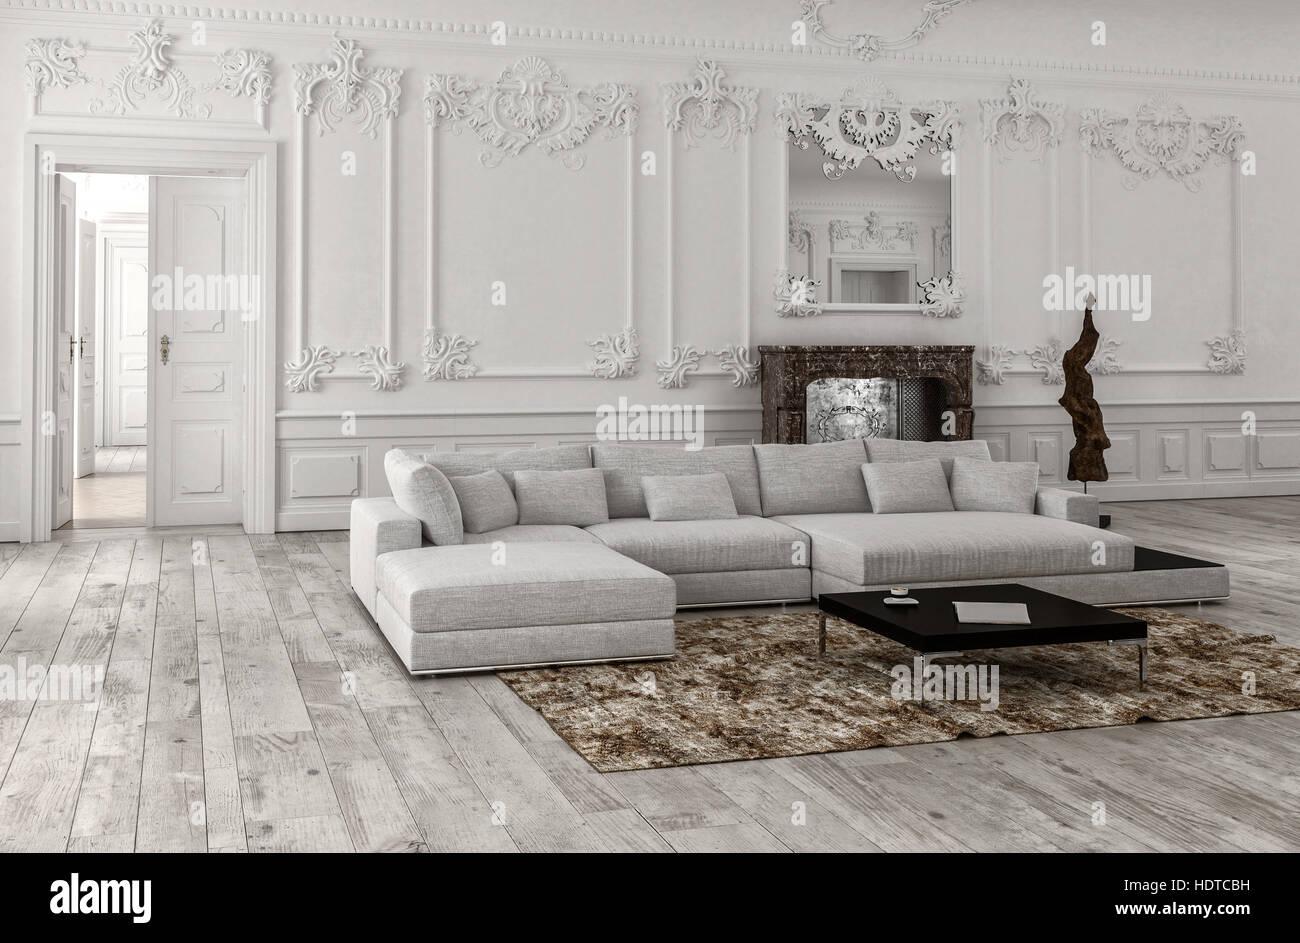 GroB Neutrale Einfarbige Weiße Klassische Wohnzimmer Interieur Mit Täfelung Und  Stuck Zierleisten, Ein Spiegel über Eine Marmor Kamin Und Bequemen Modular